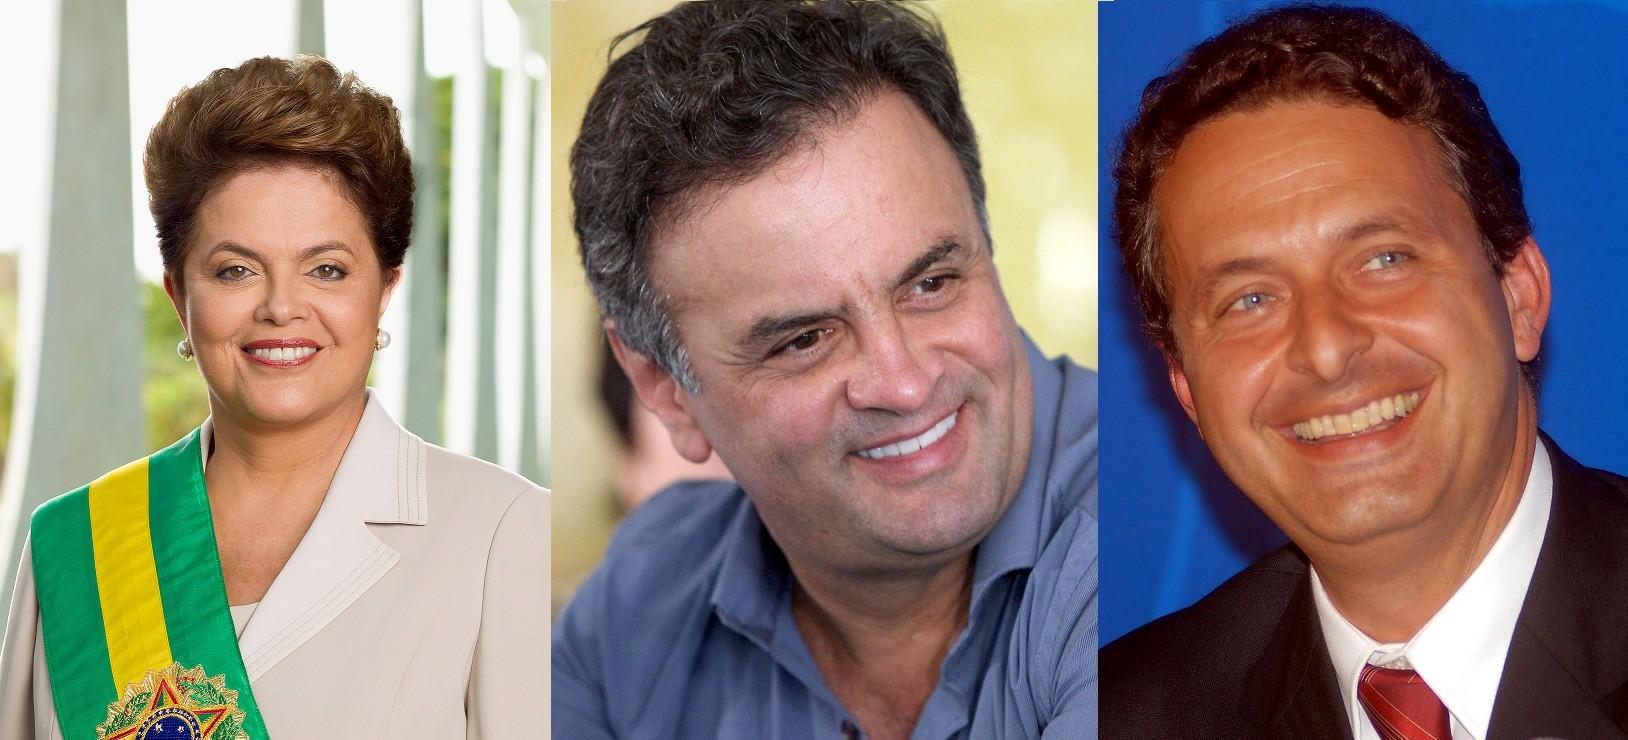 Análises contemplam os três candidatos que lideram as pesquisas: Dilma Rousseff, Aécio Neves e Eduardo Campos (Foto: Reprodução/Wikimedia Commons)